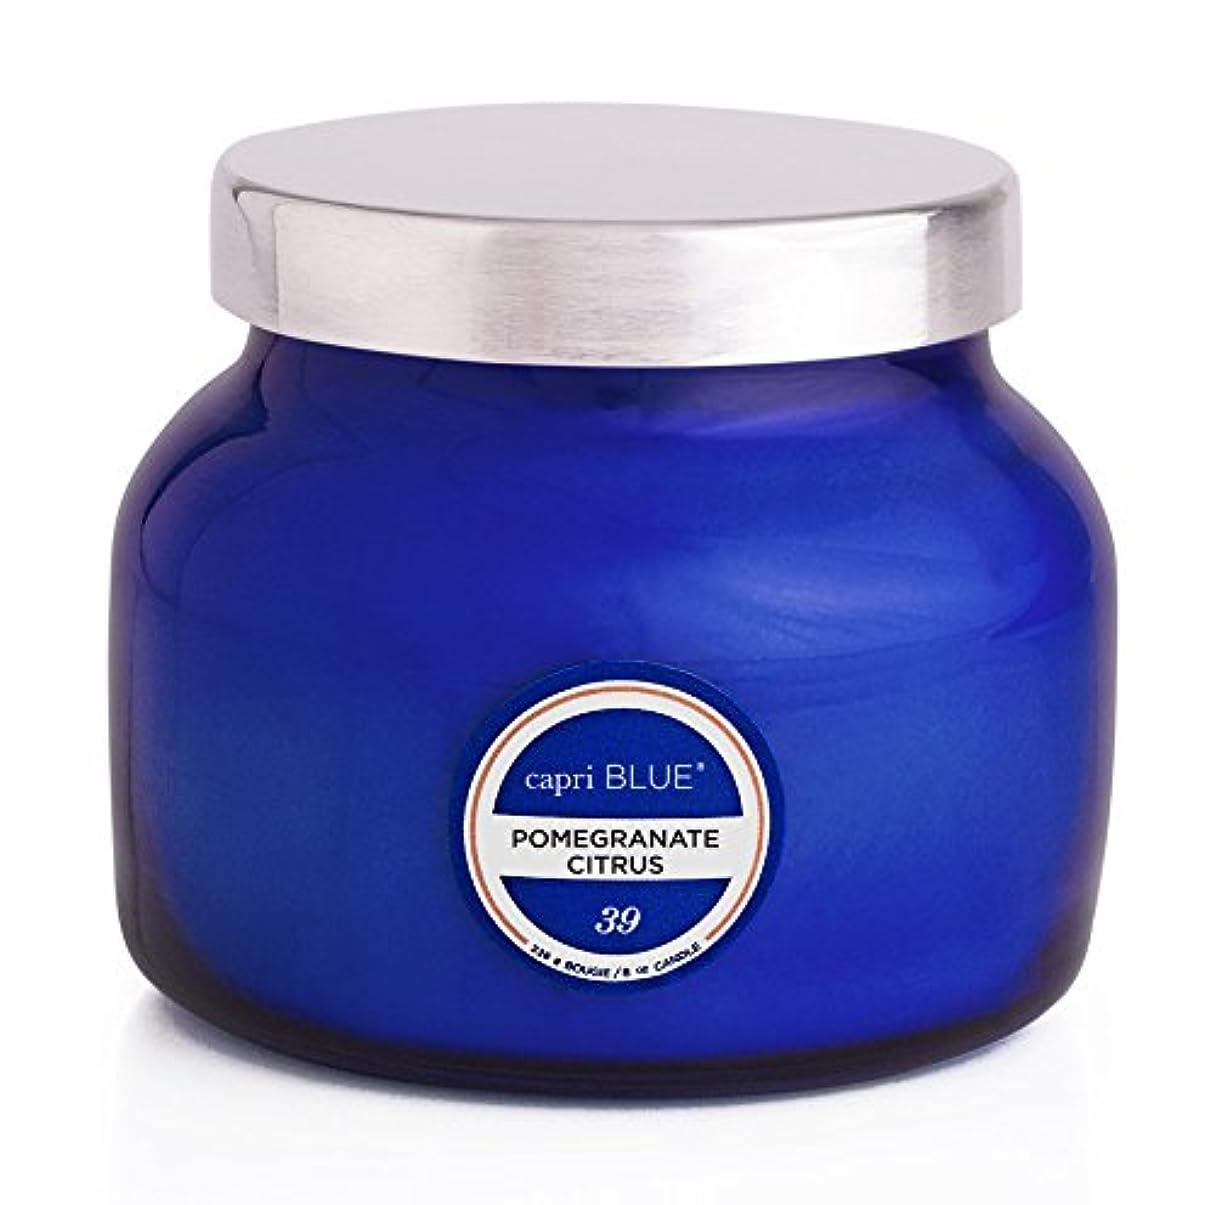 参照オープニング湿気の多いカプリブルーPomegranate Citrus小柄ブルー署名Jar , 08 oz